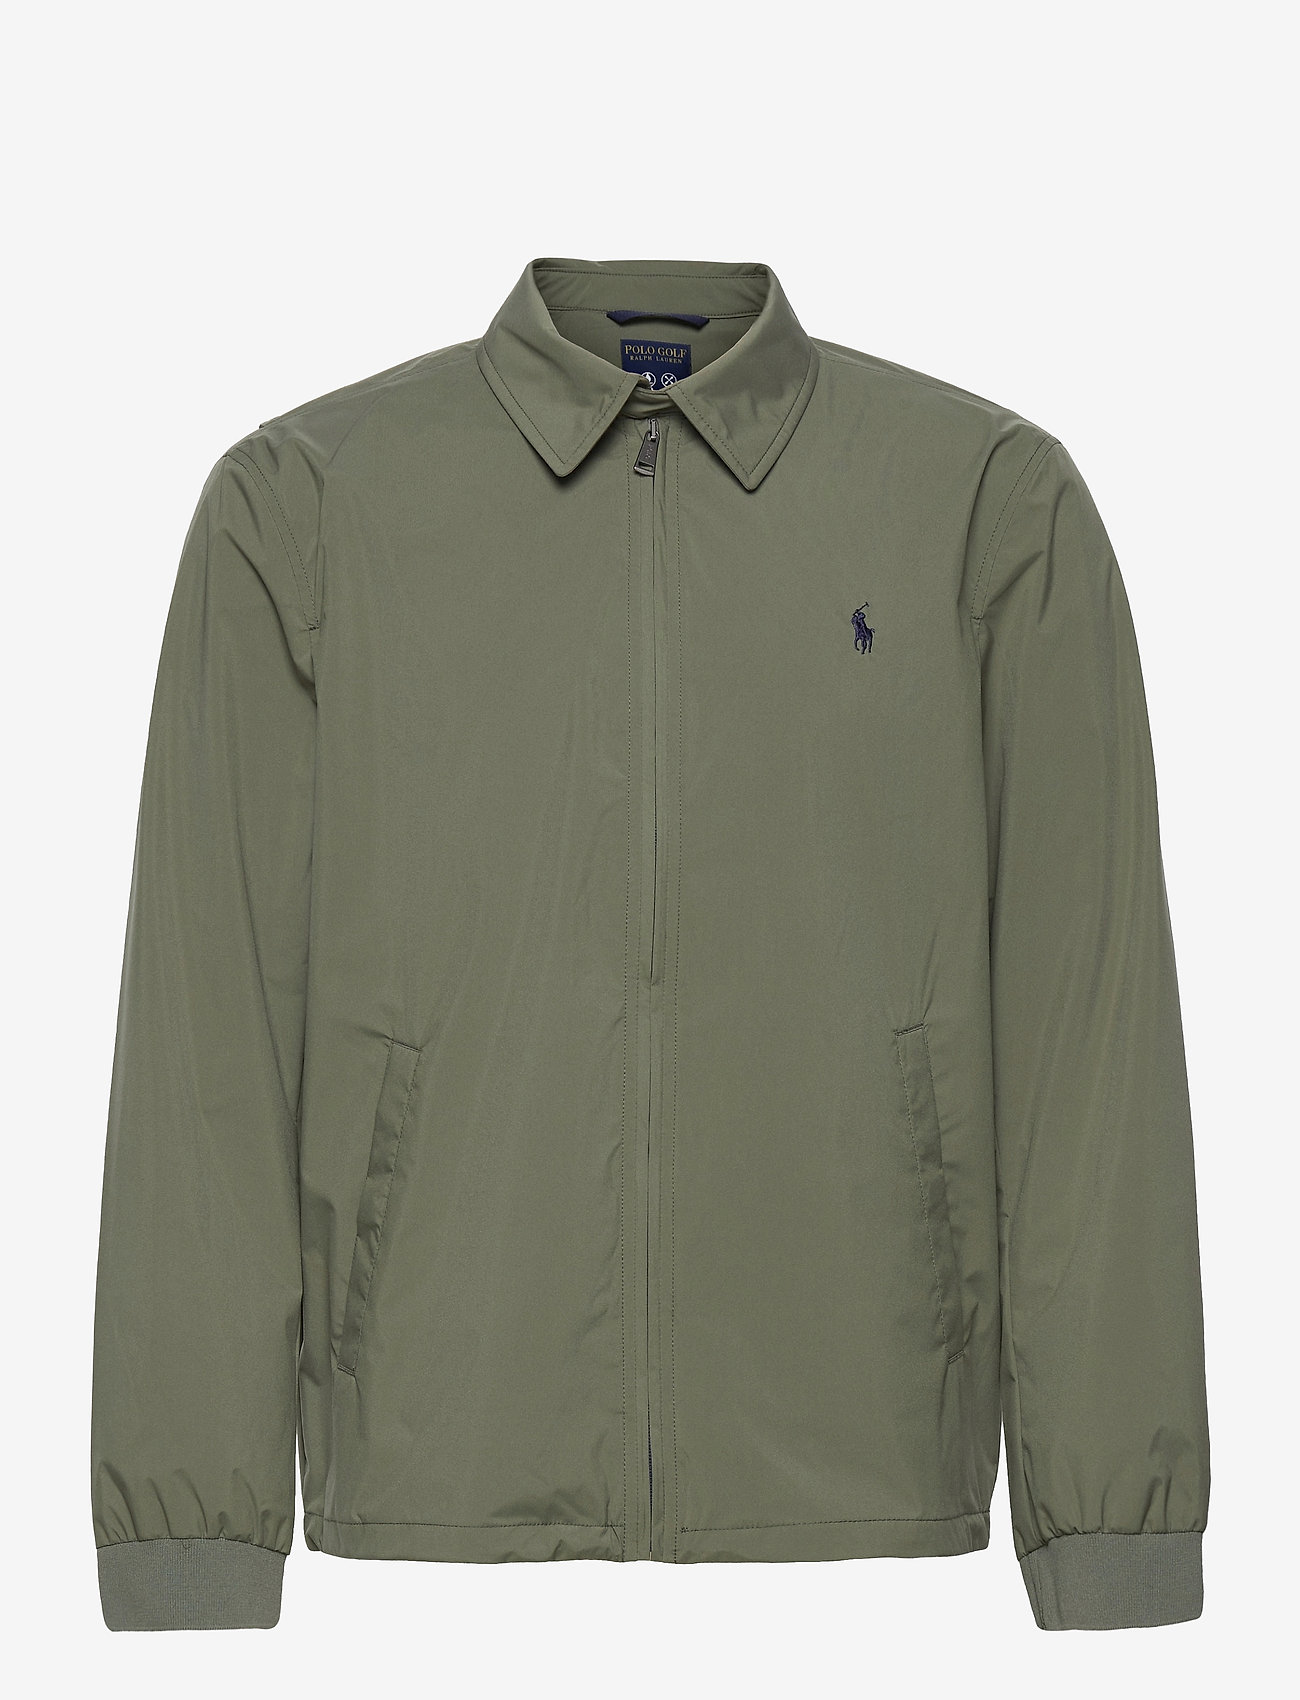 Ralph Lauren Golf - PERFRMNCE STRTCH 2L-BI-SWING JACKT - golf jackets - fossil green - 0